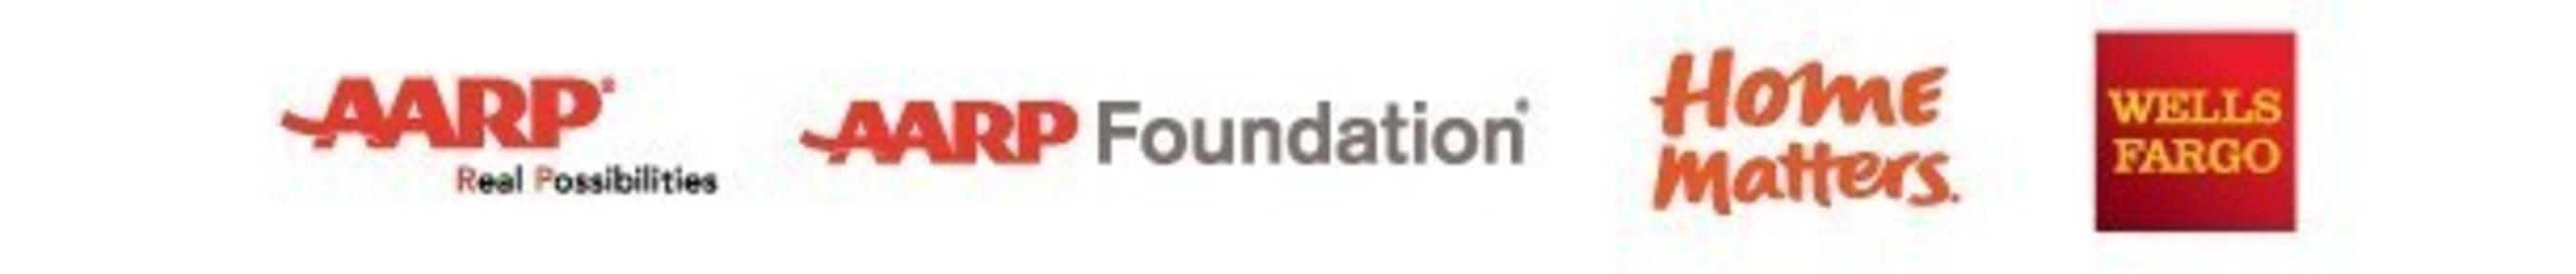 AARP, AARP Foundation, Home Matters and Wells Fargo